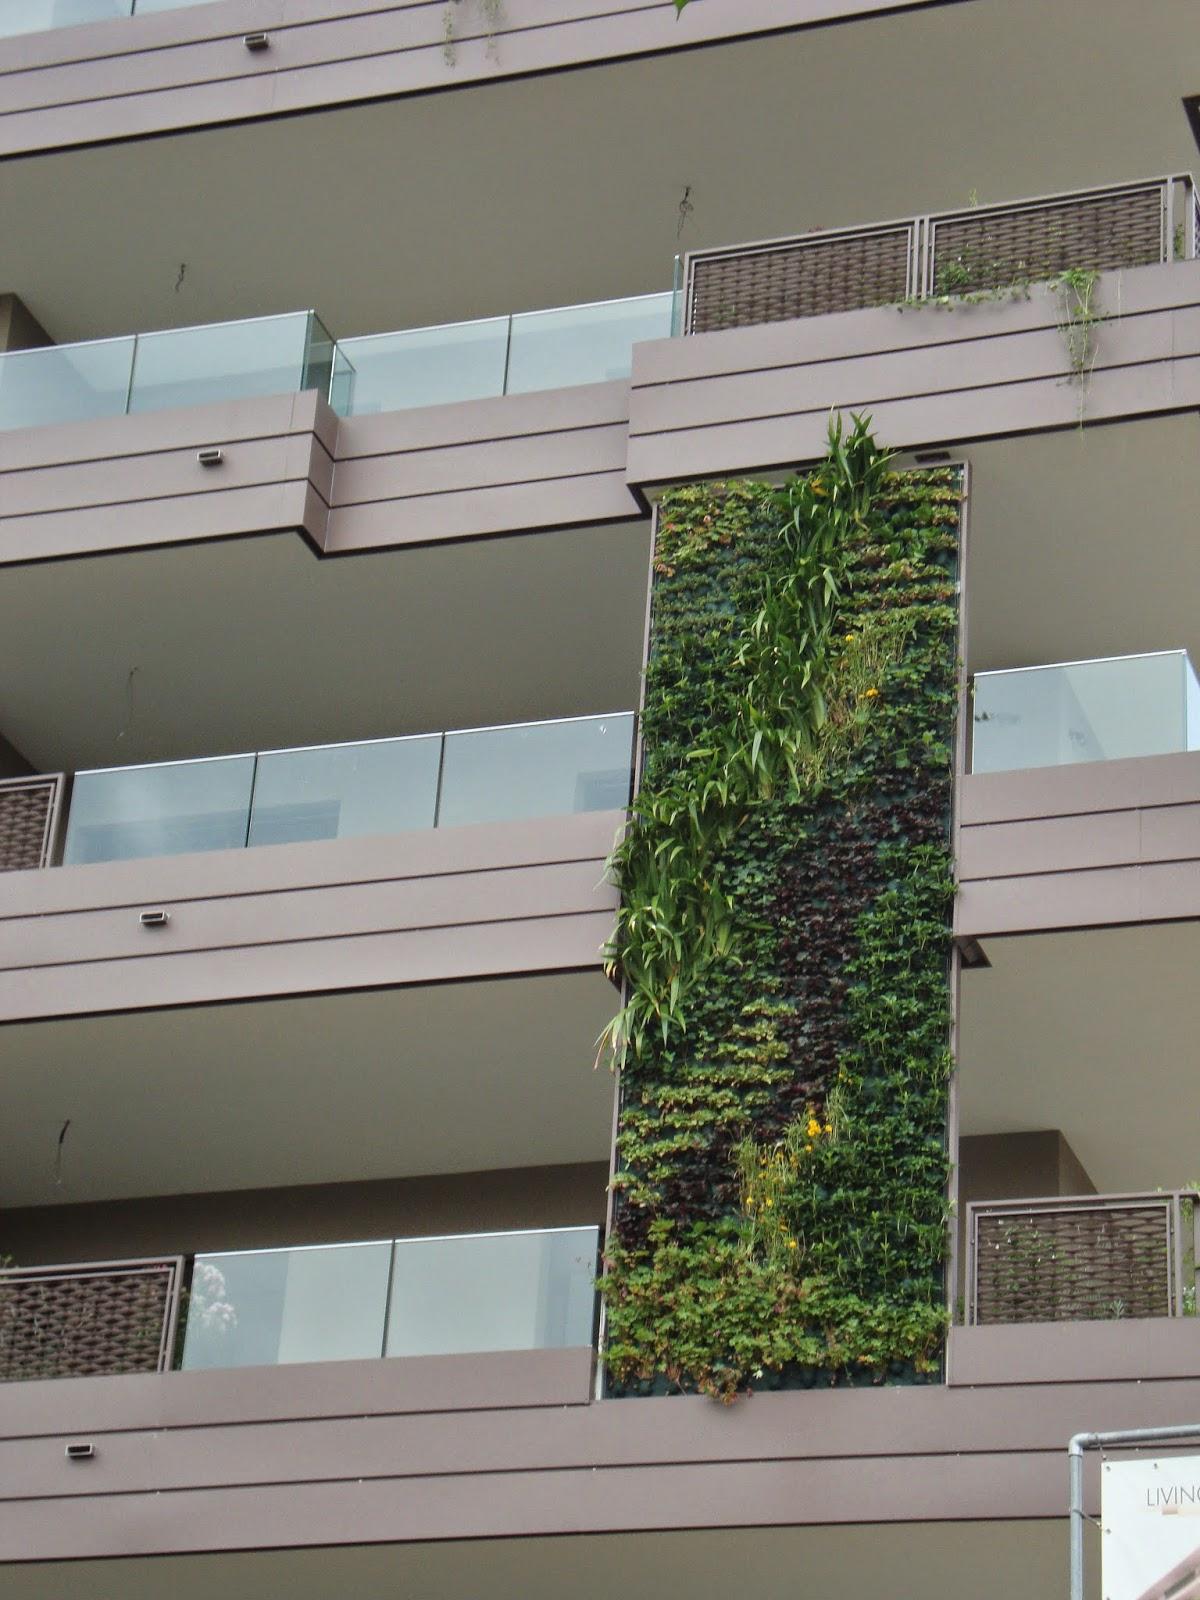 Un piccolo giardino in citt giardini verticali le - Pannelli per giardini verticali ...